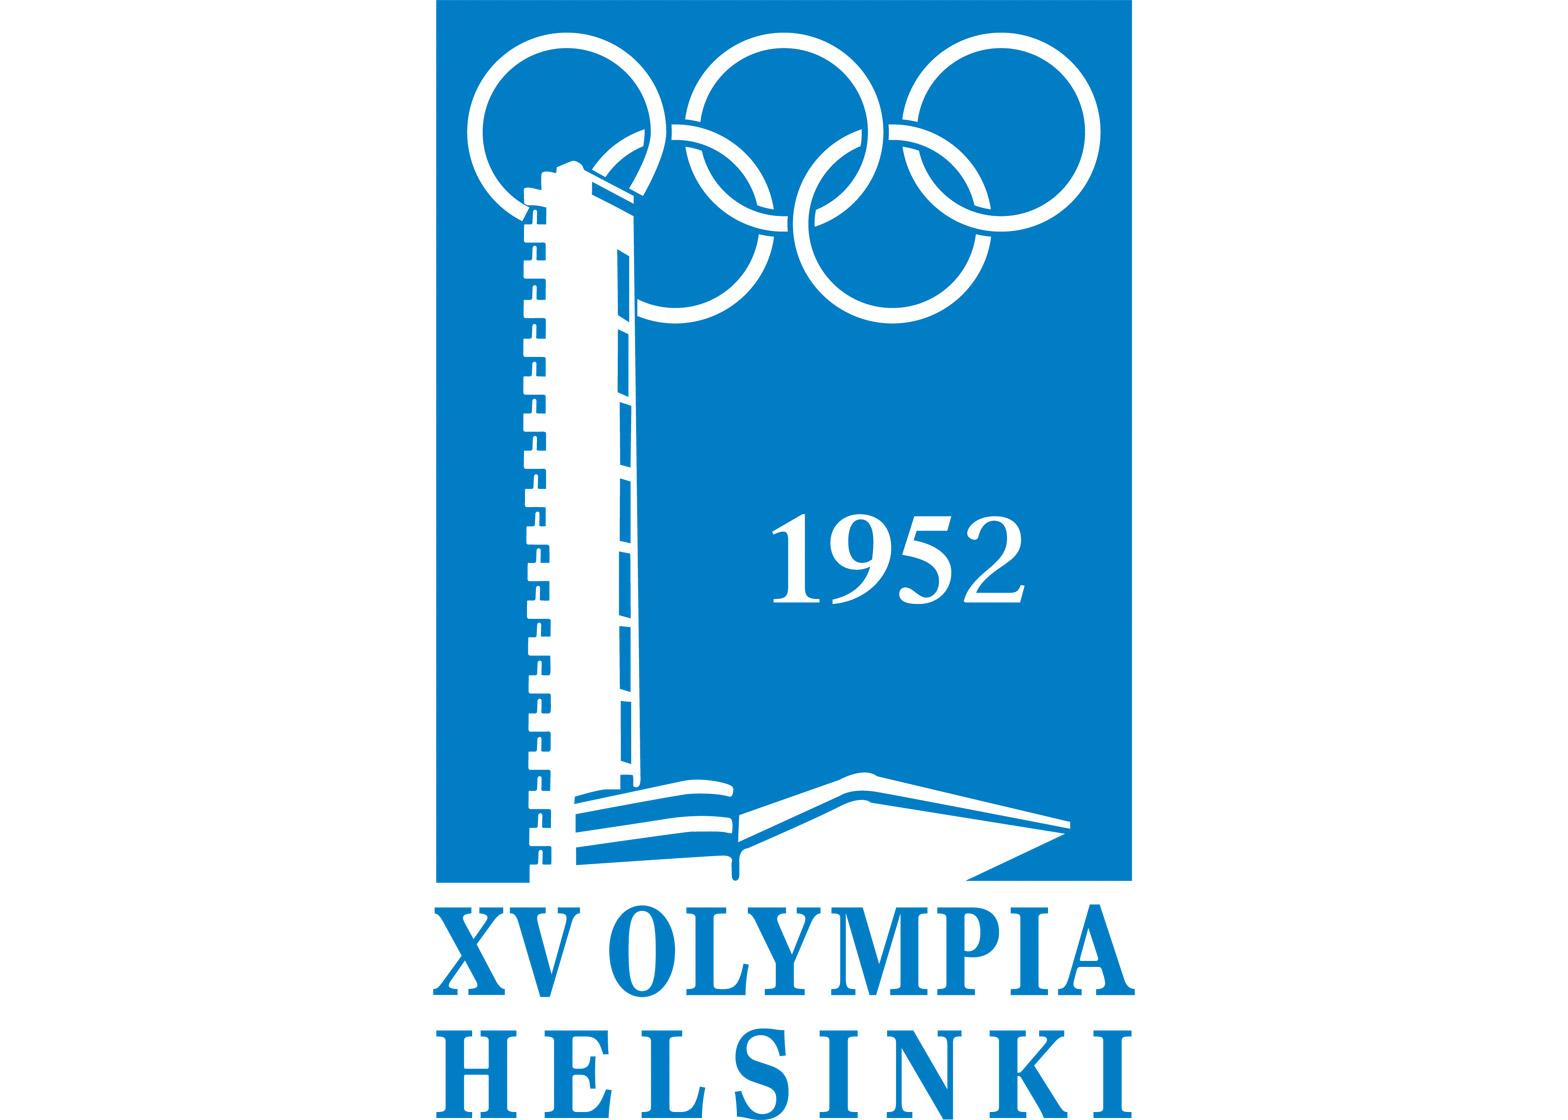 Logo of the 1952 Helsinki Olympics